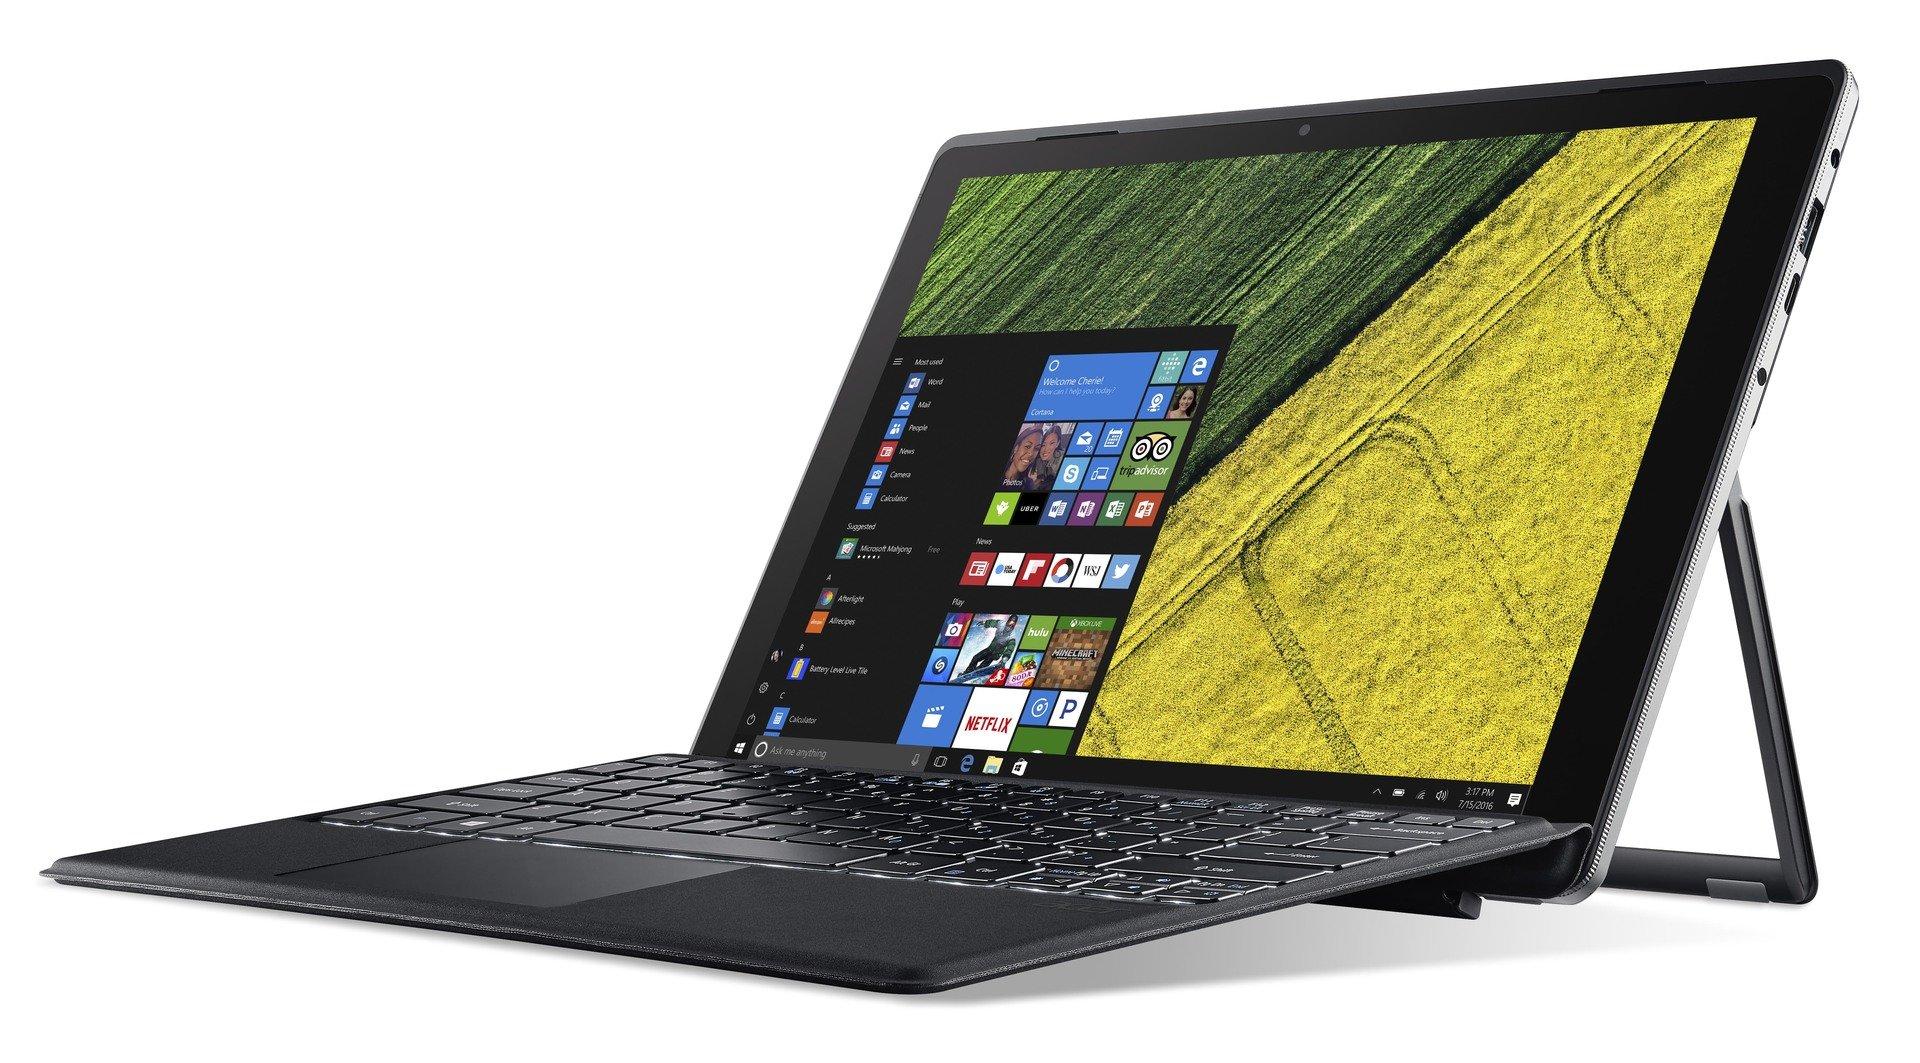 Acer rozszerza linię produktów 2 w 1 o ciche i wydajne modele